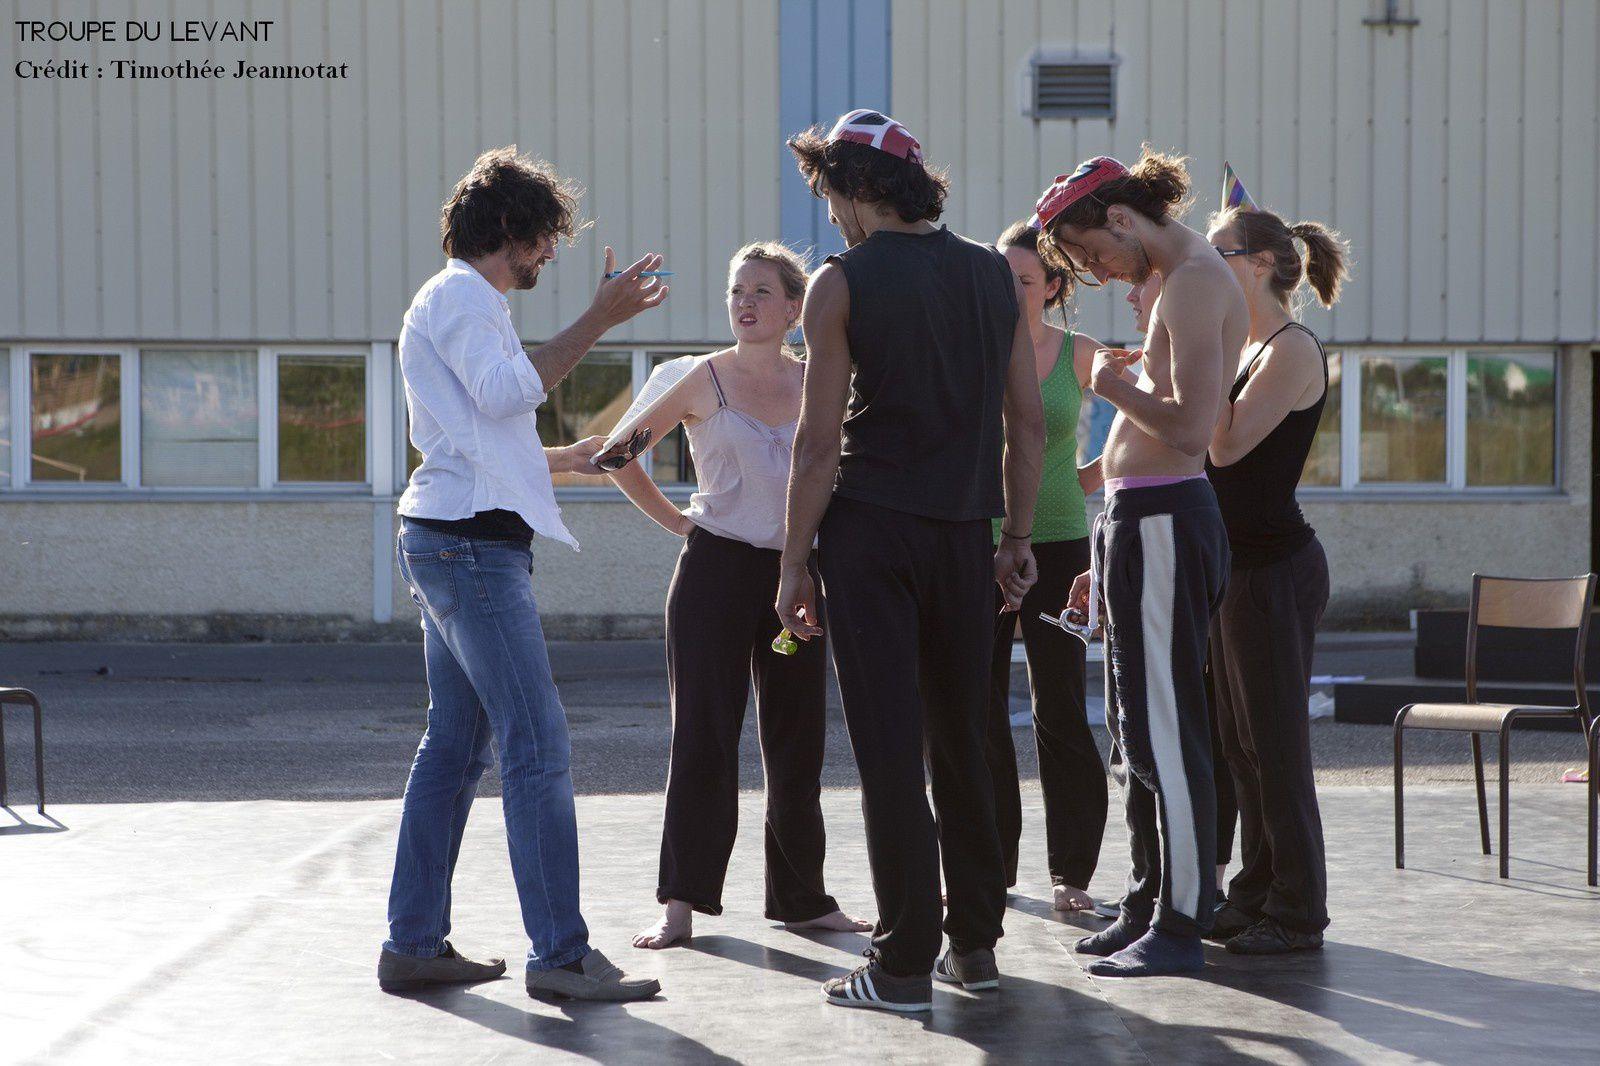 Photos de répétions de la Sixième pièce de la Troupe du Levant - Crédit : Thimothée Jeannotat